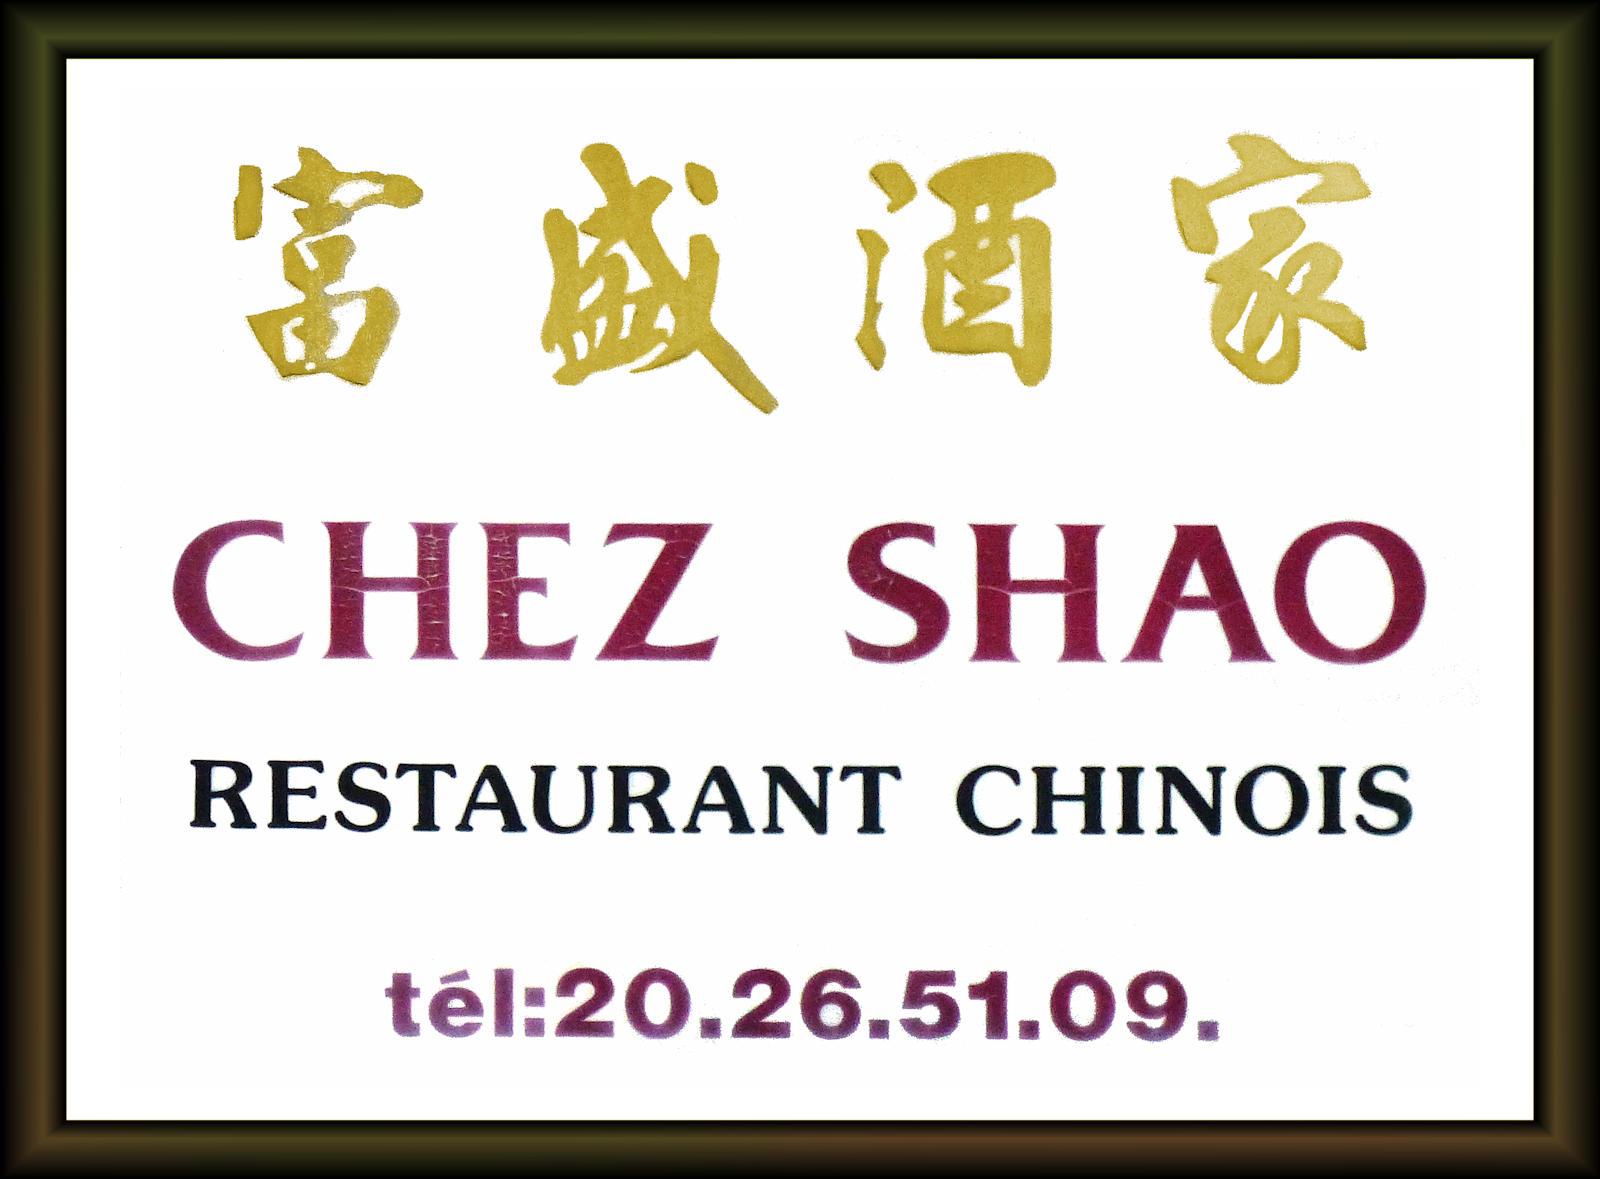 Resto Chinois Tourcoing - Chez Shao - Enseigne.